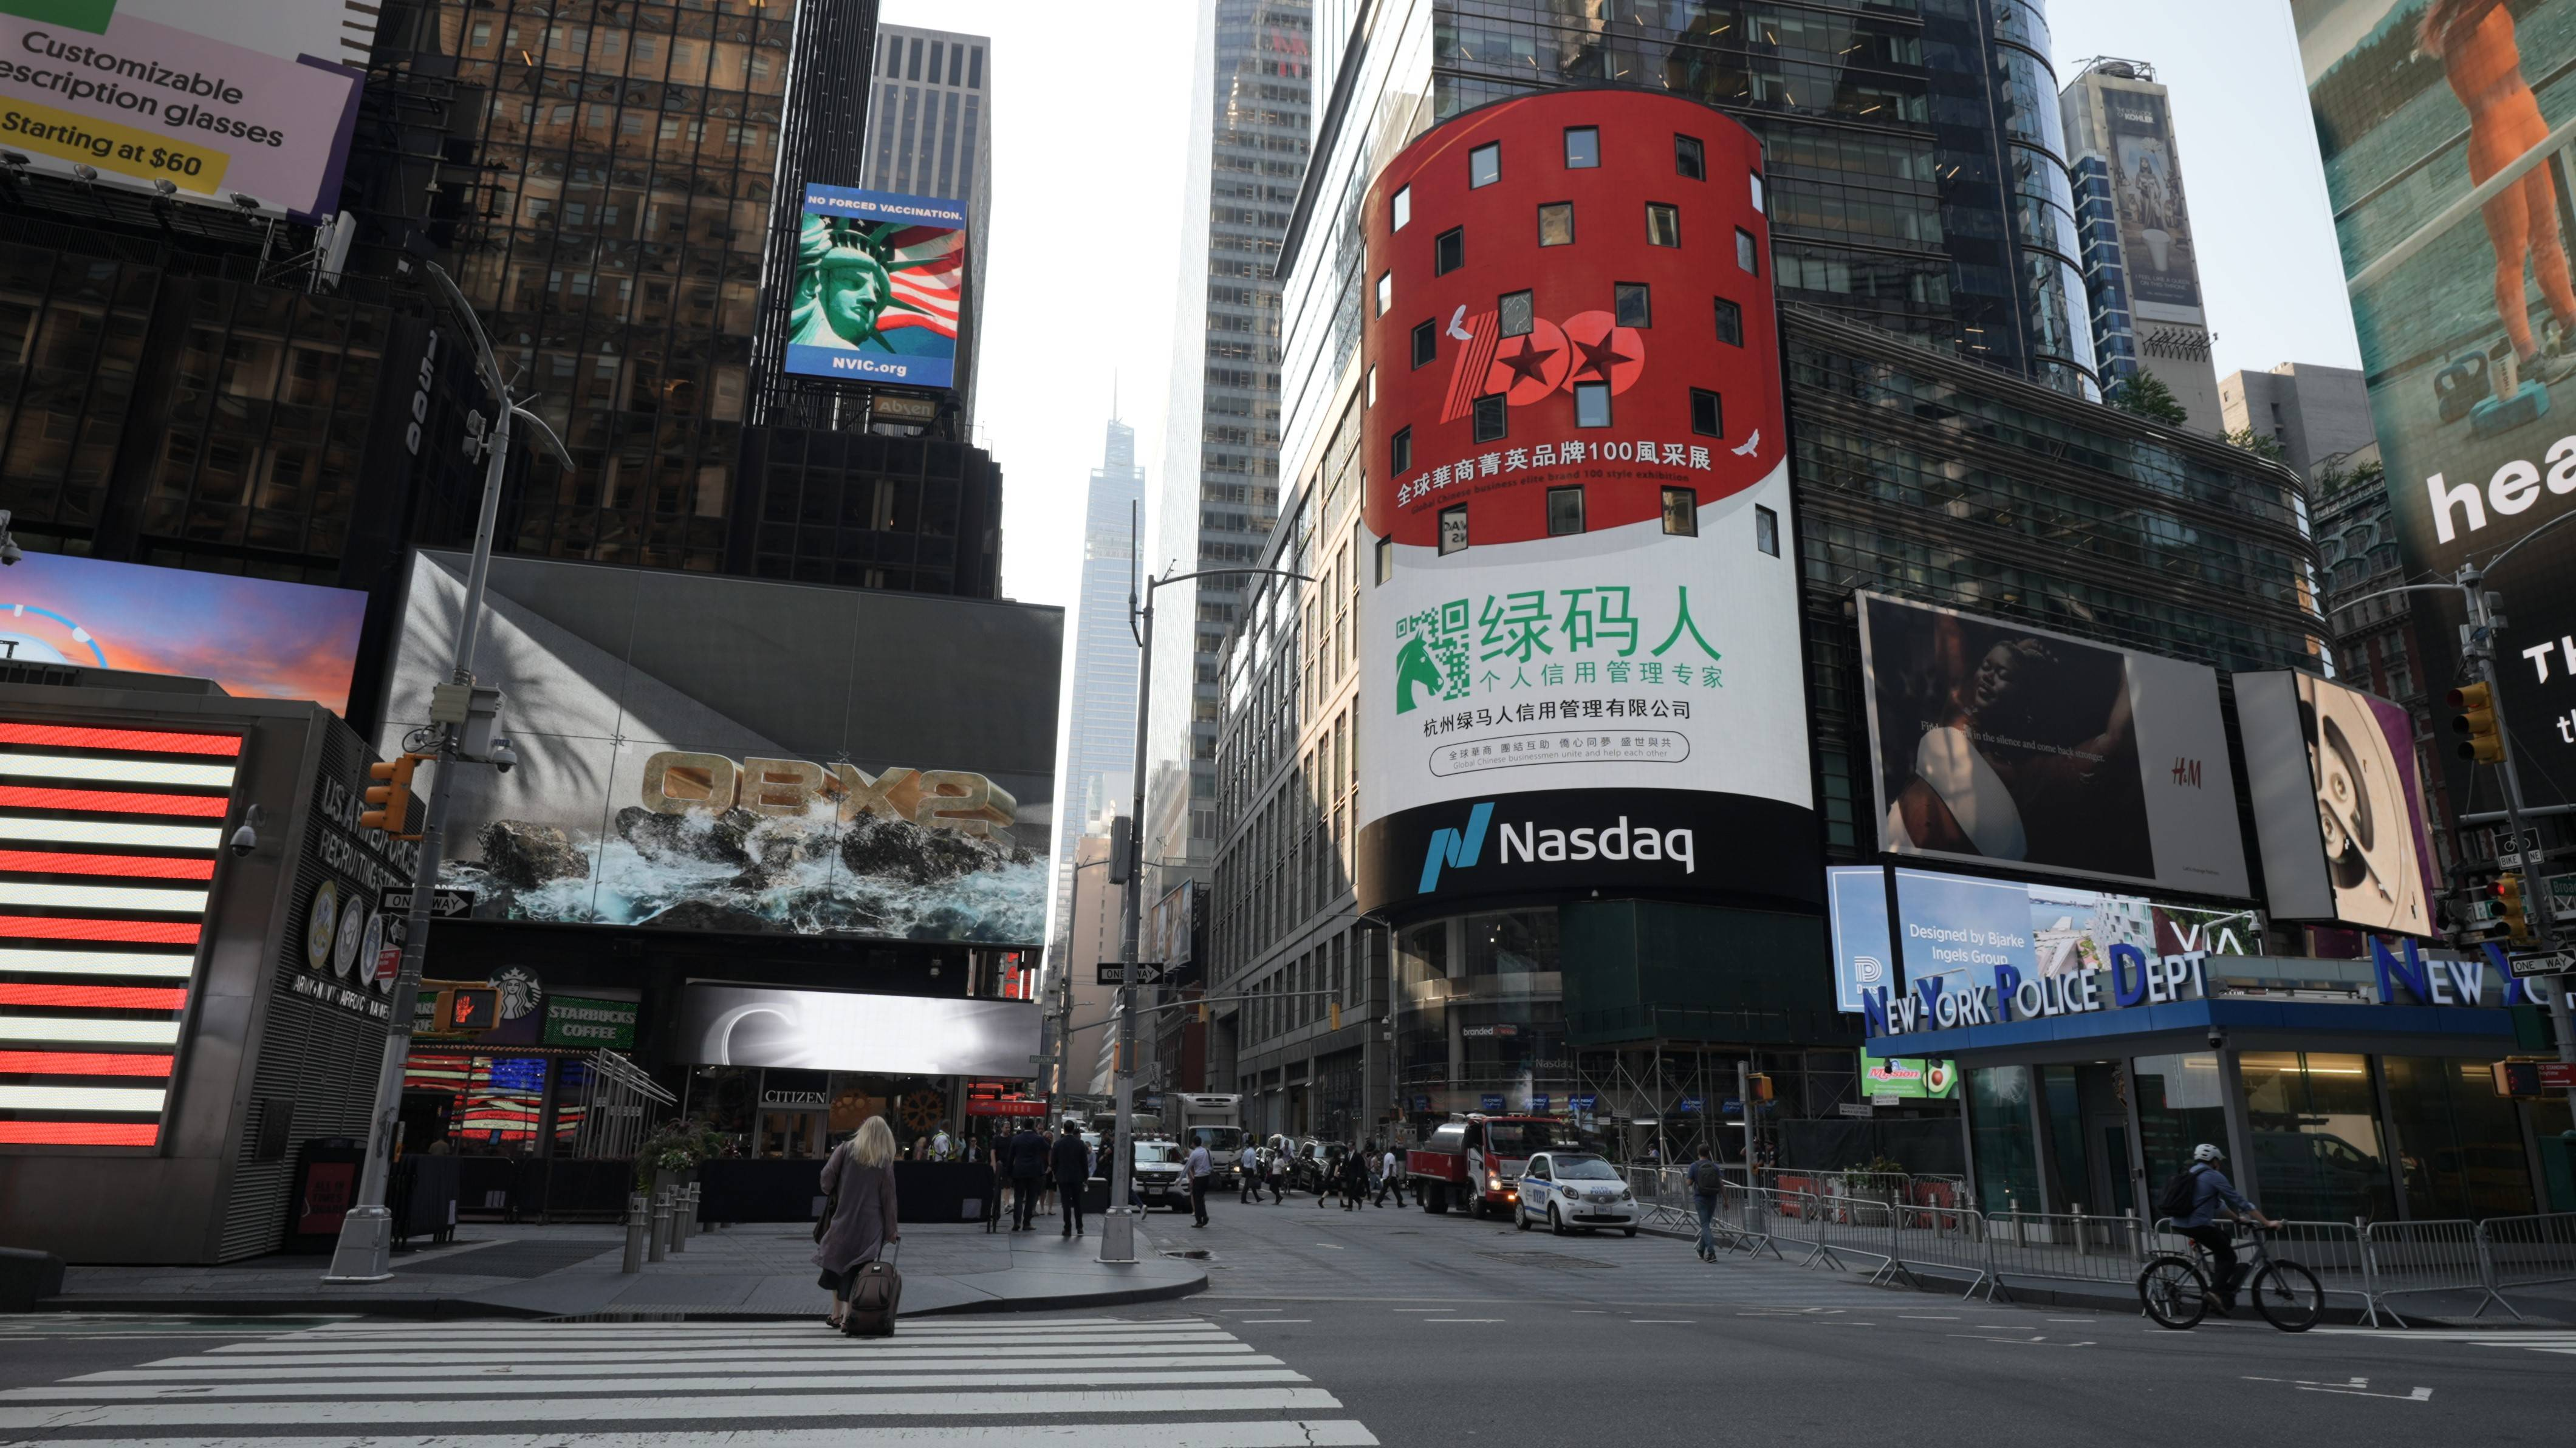 绿码人荣登美国纽约时代广场纳斯达克大屏